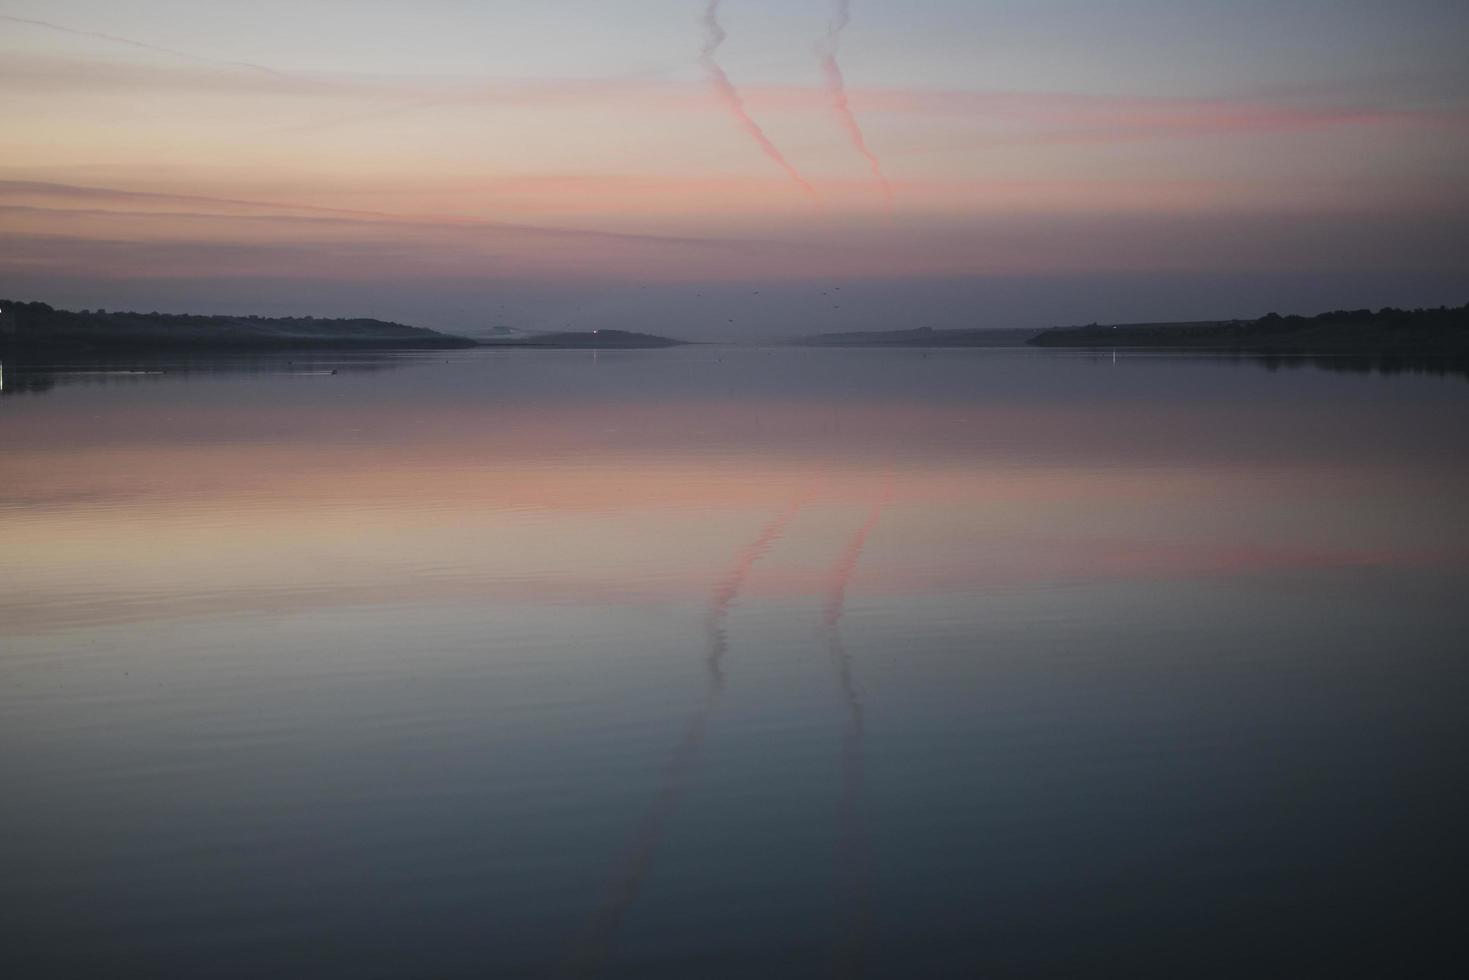 neblina sobre el agua al atardecer puesta de sol sobre el lago foto